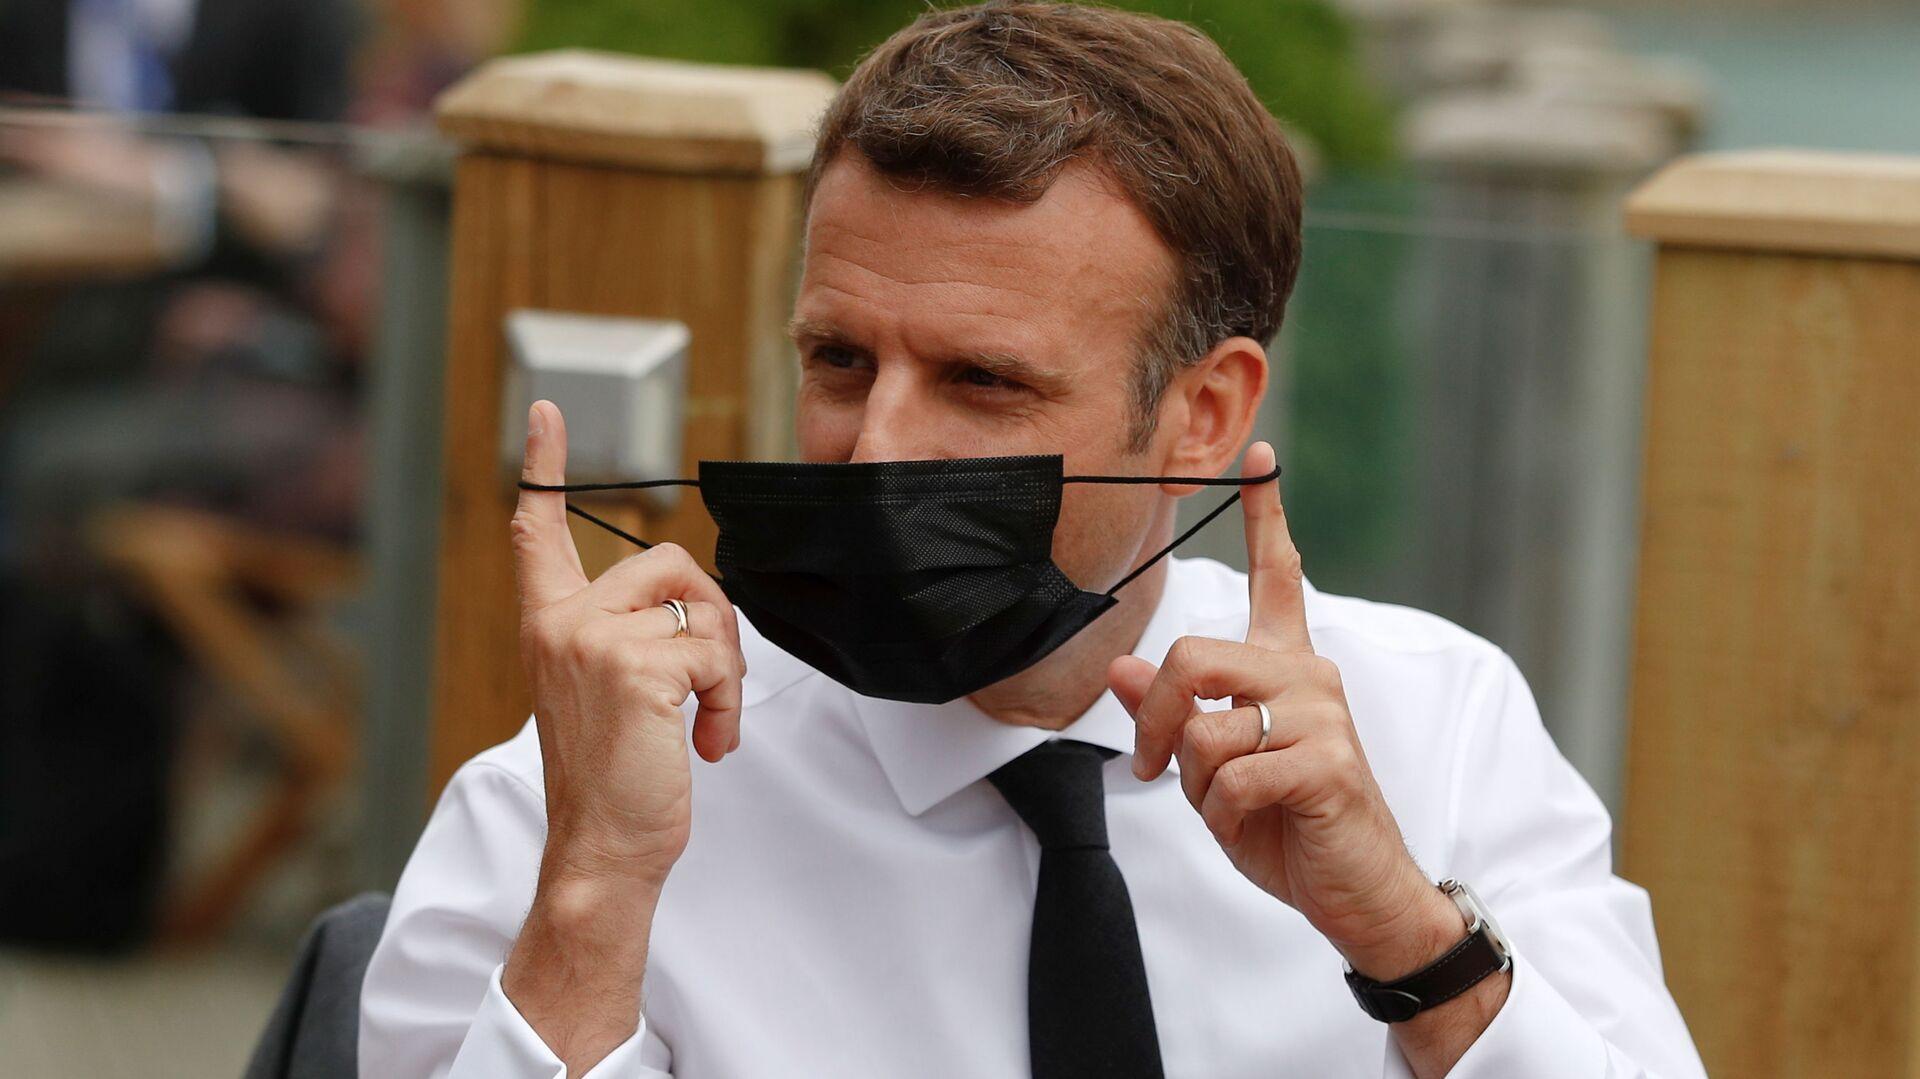 Francouzský prezident Emmanuel Macron - Sputnik Česká republika, 1920, 19.09.2021